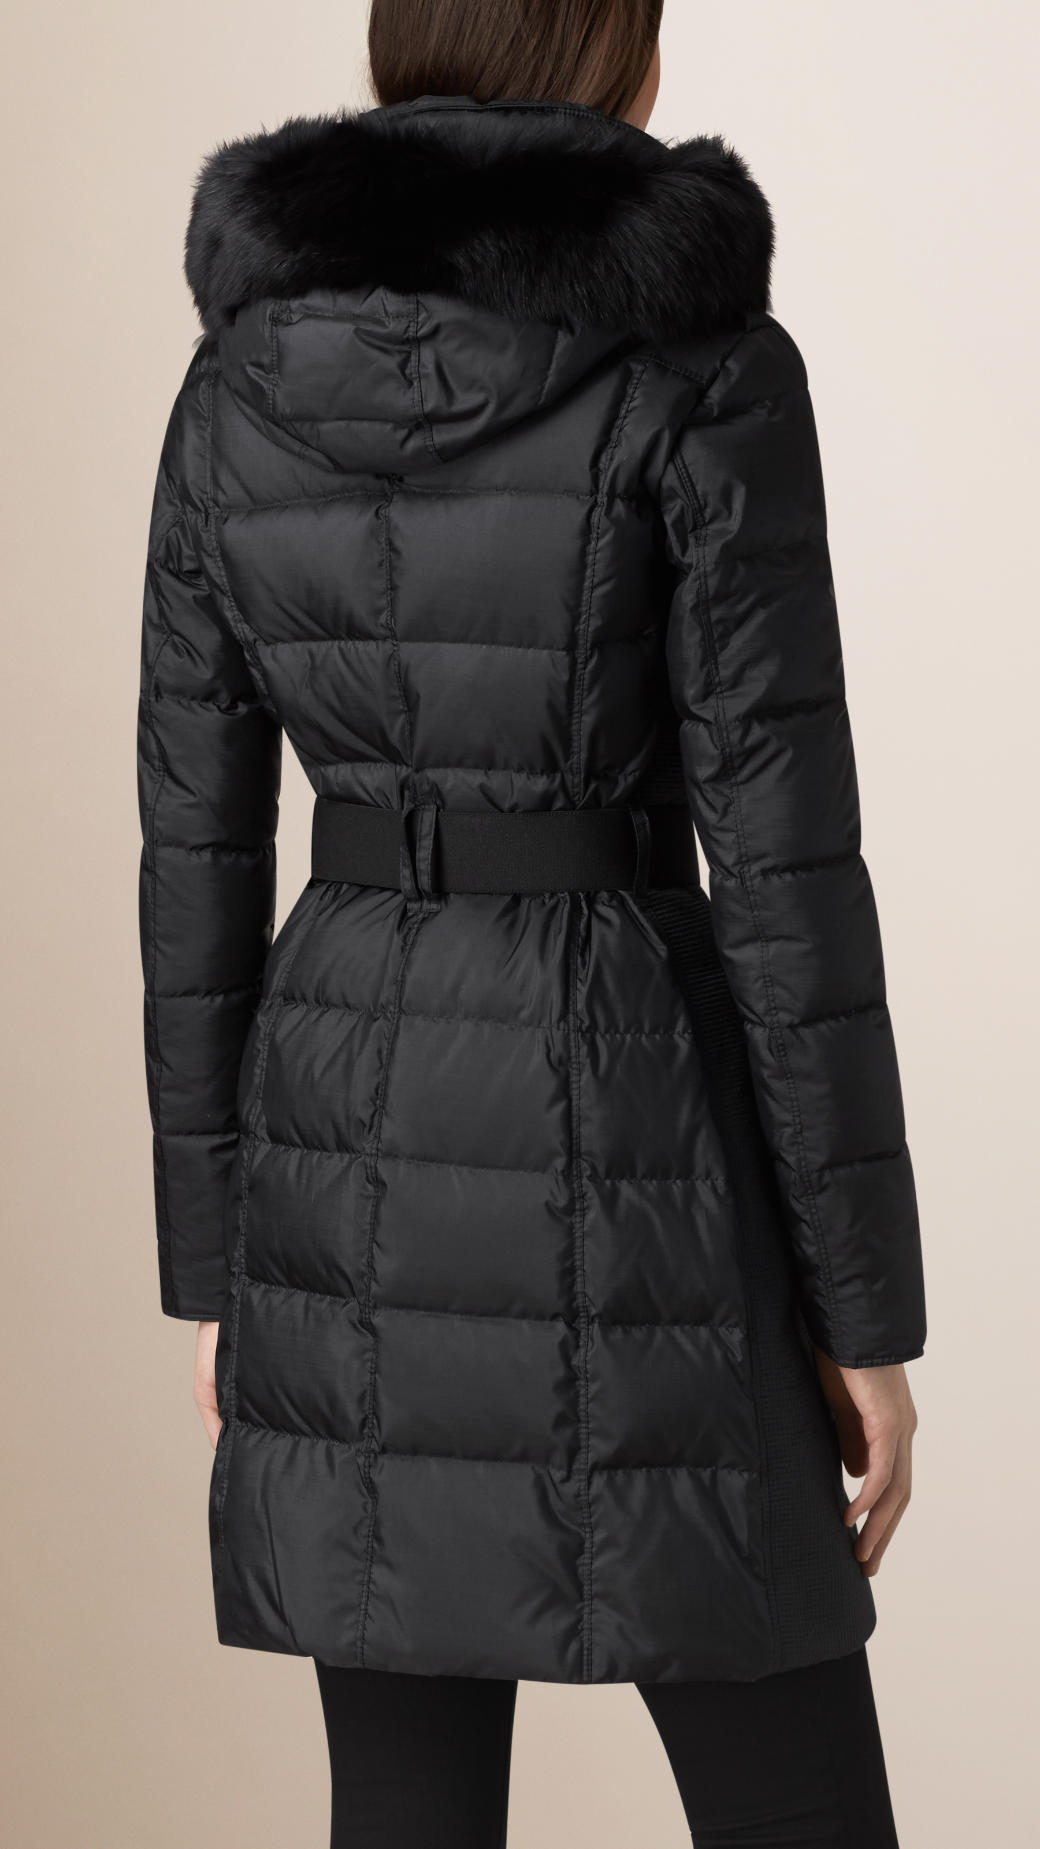 Burberry Fur Trim Puffer Coat In Black Lyst